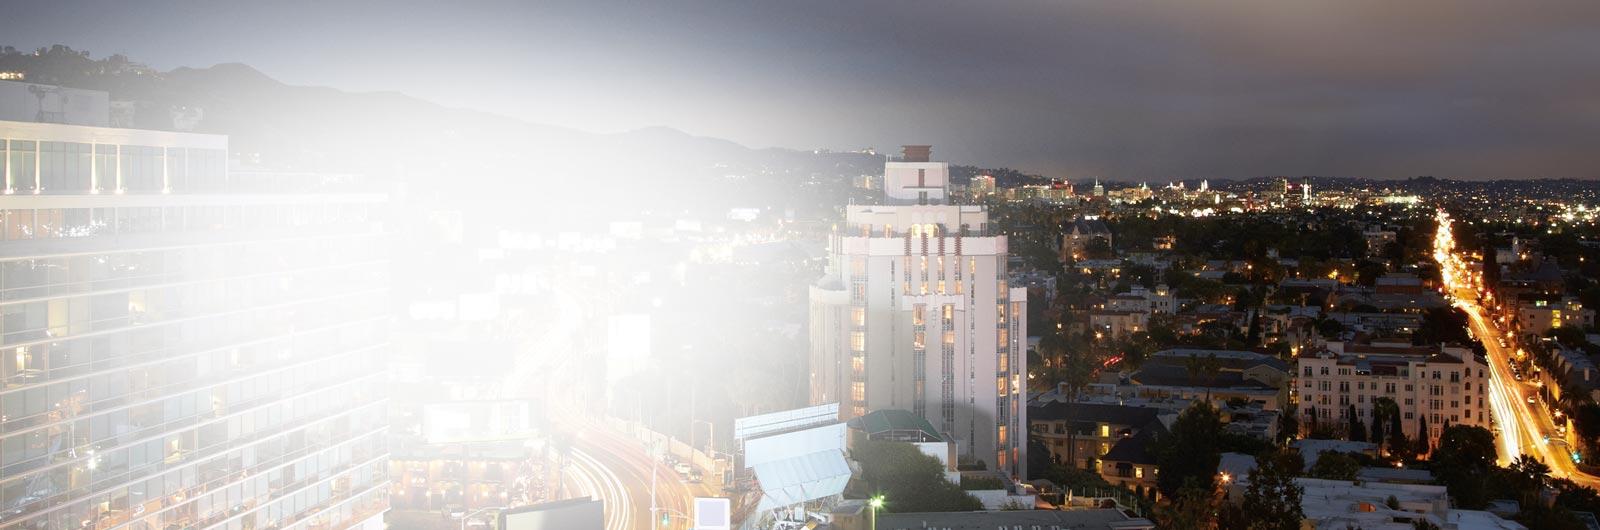 Vista notturna di una grande città. Leggi le storie di clienti di Exchange di tutto il mondo.